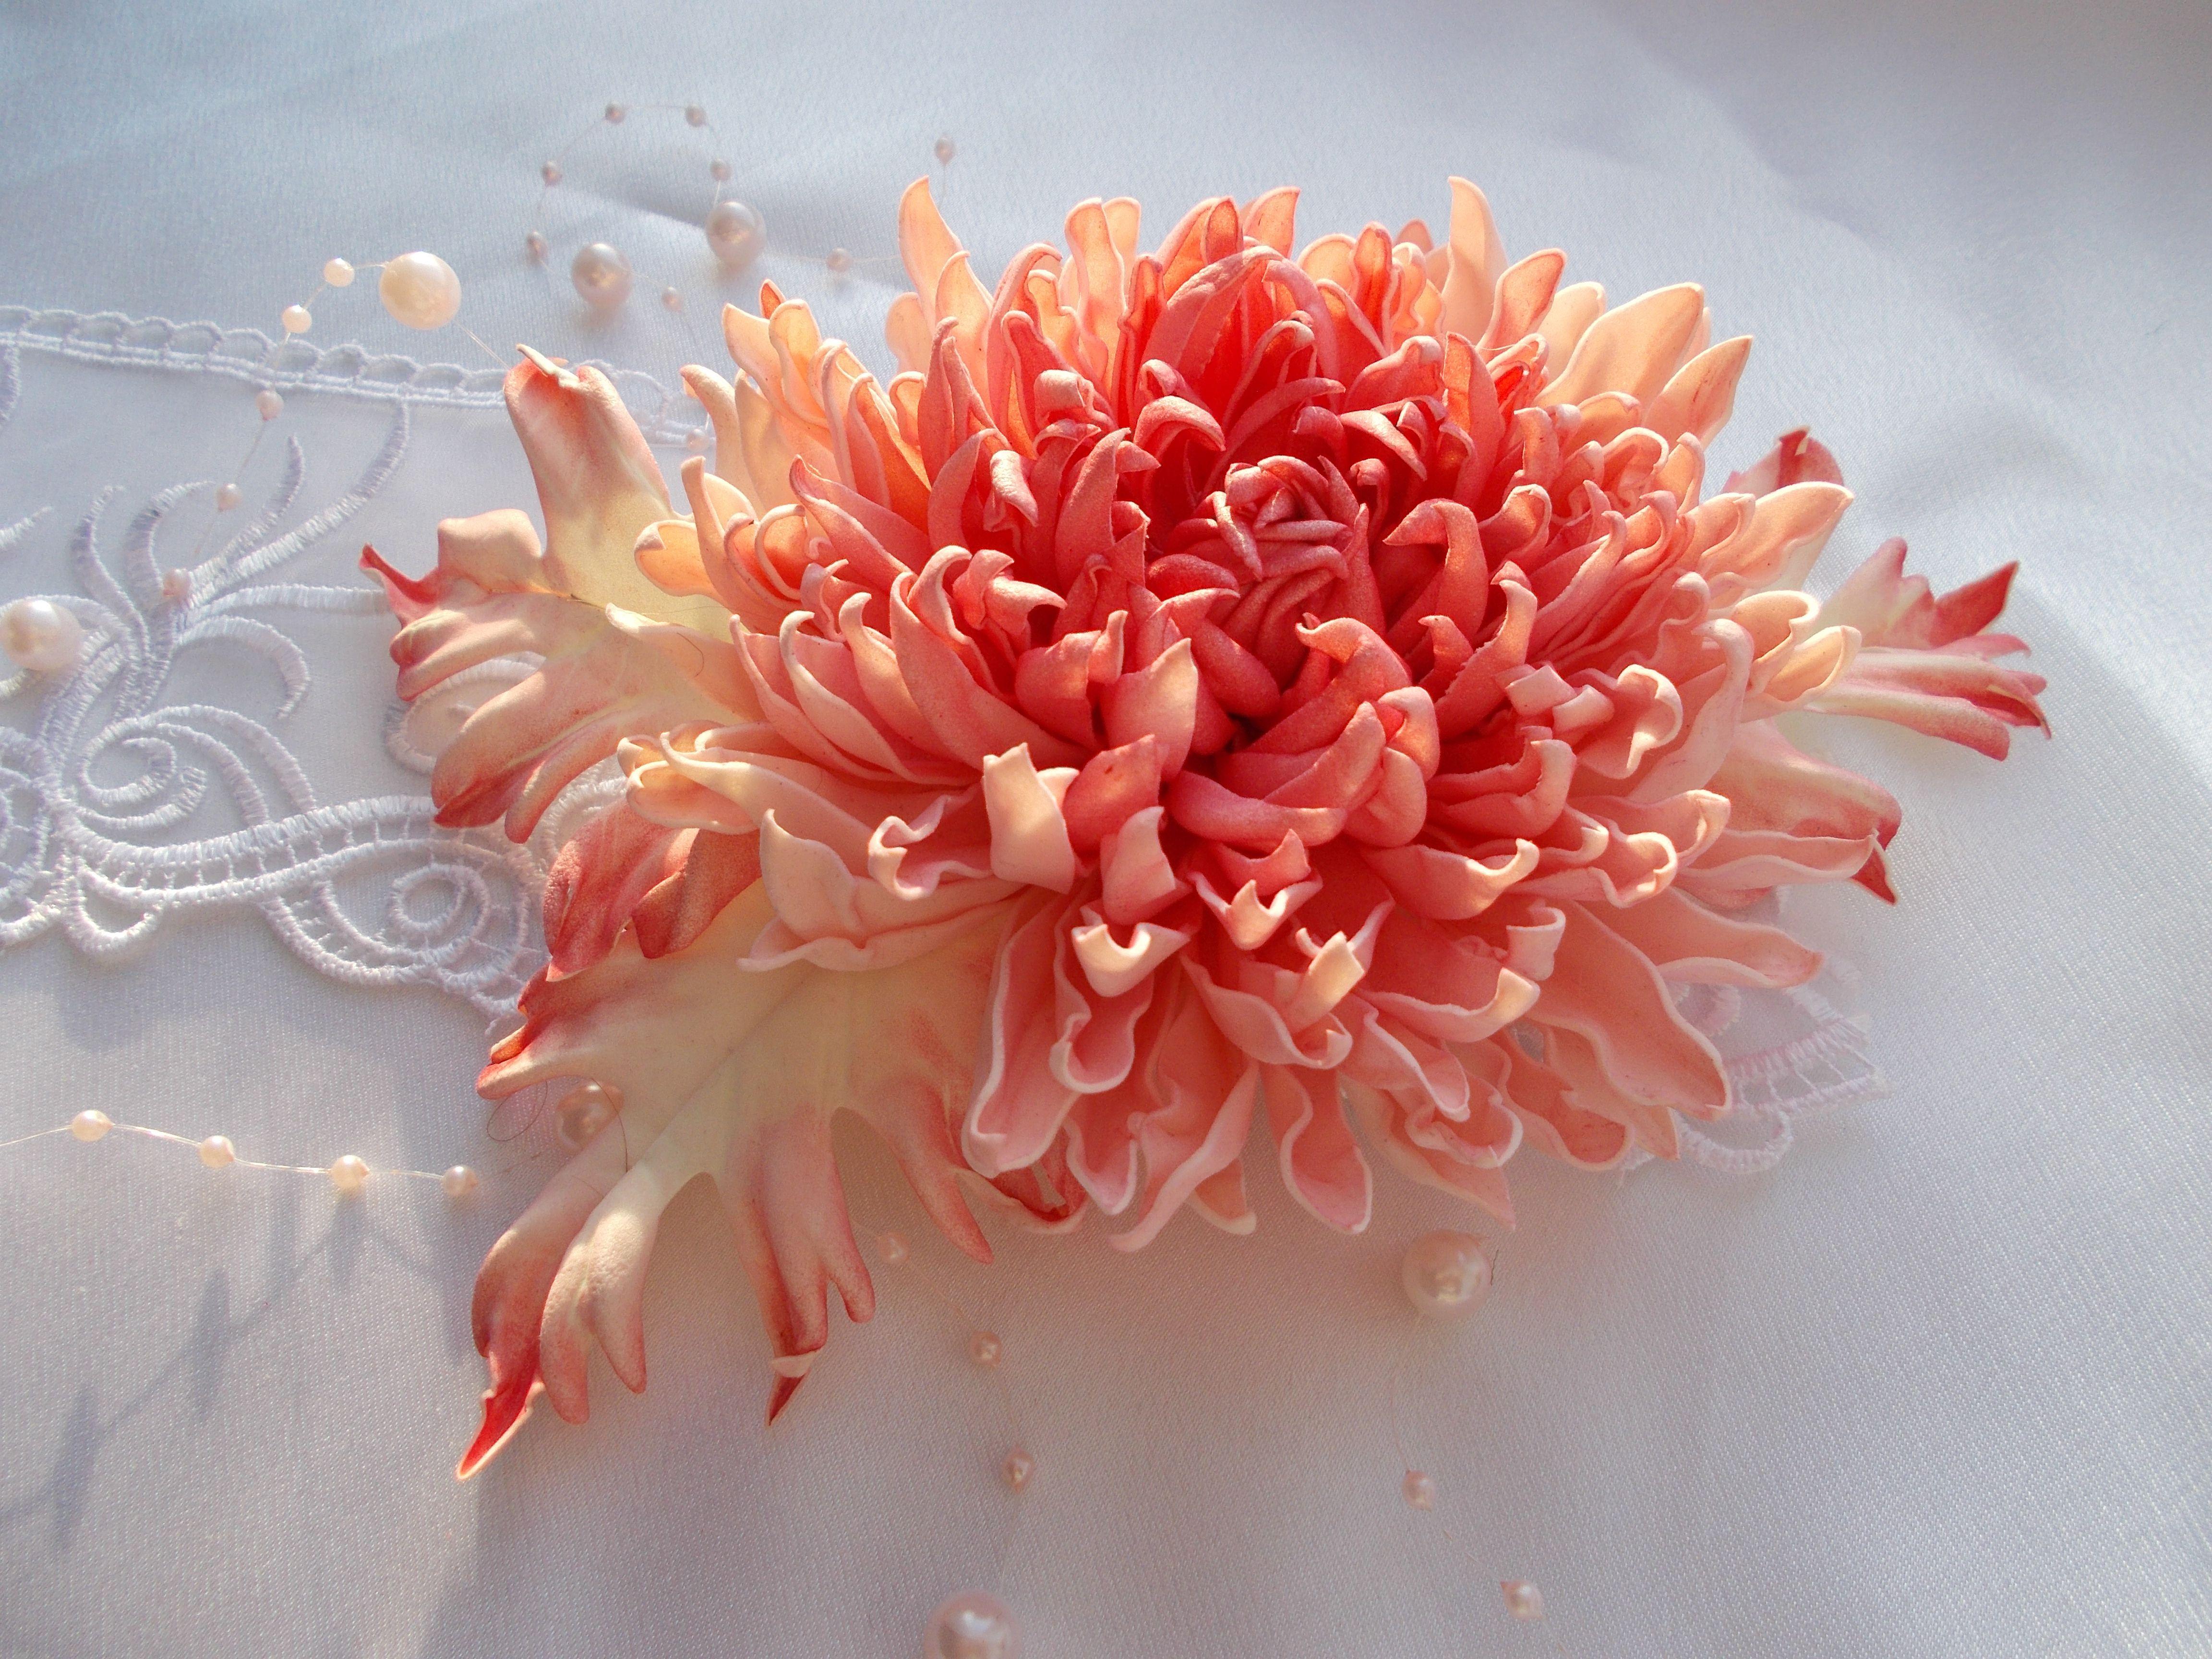 фоамирана цветок хризантема брошь фом фоамиран украшения аксессуар цветы